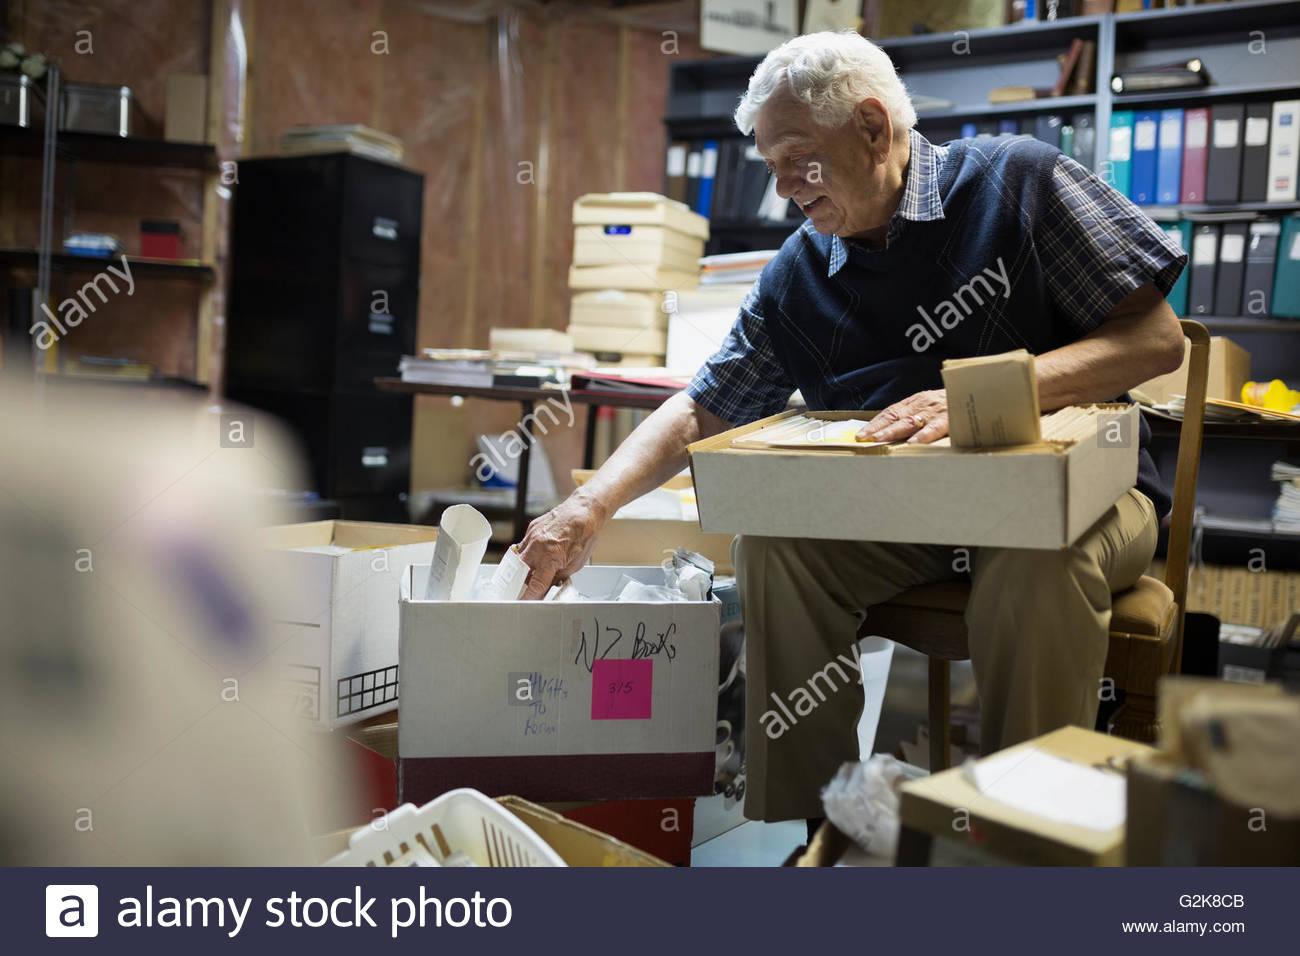 Senior man going through belongings in boxes - Stock Image